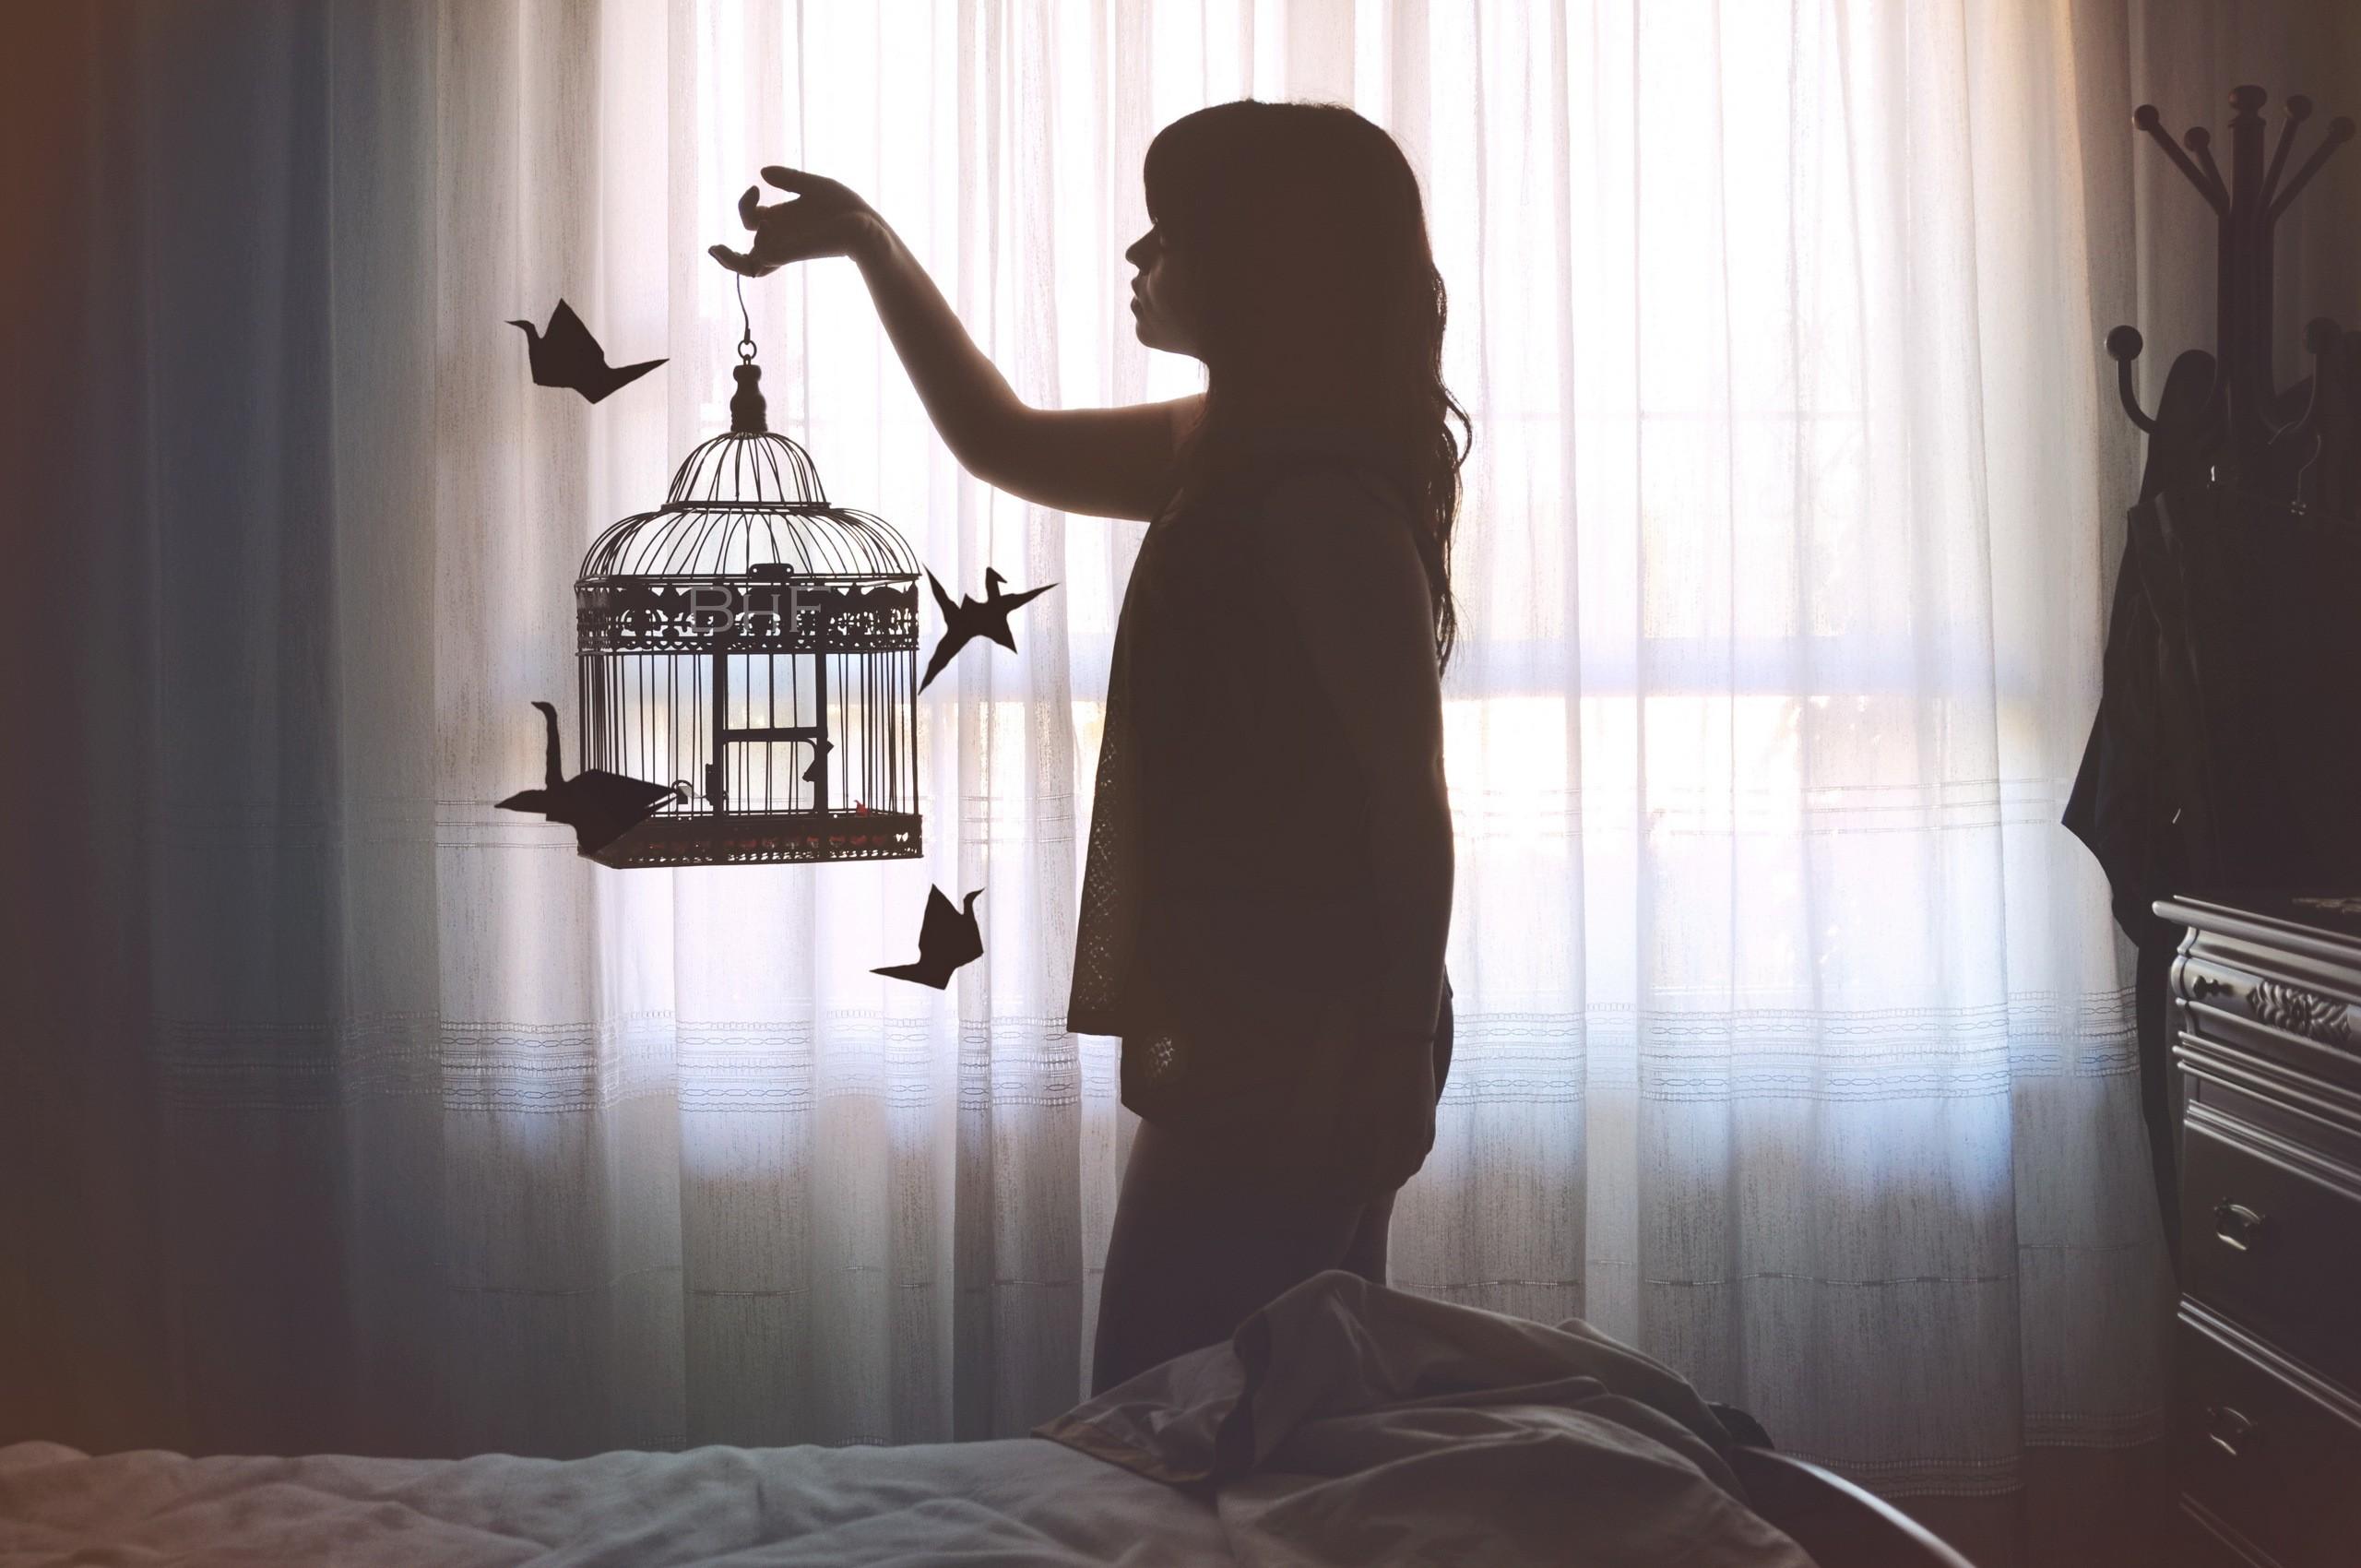 Đen Đàn Bà Mô Hình Cửa Sổ Ngồi Trang Phục Thiết Kế Nội Thất Chim Lồng